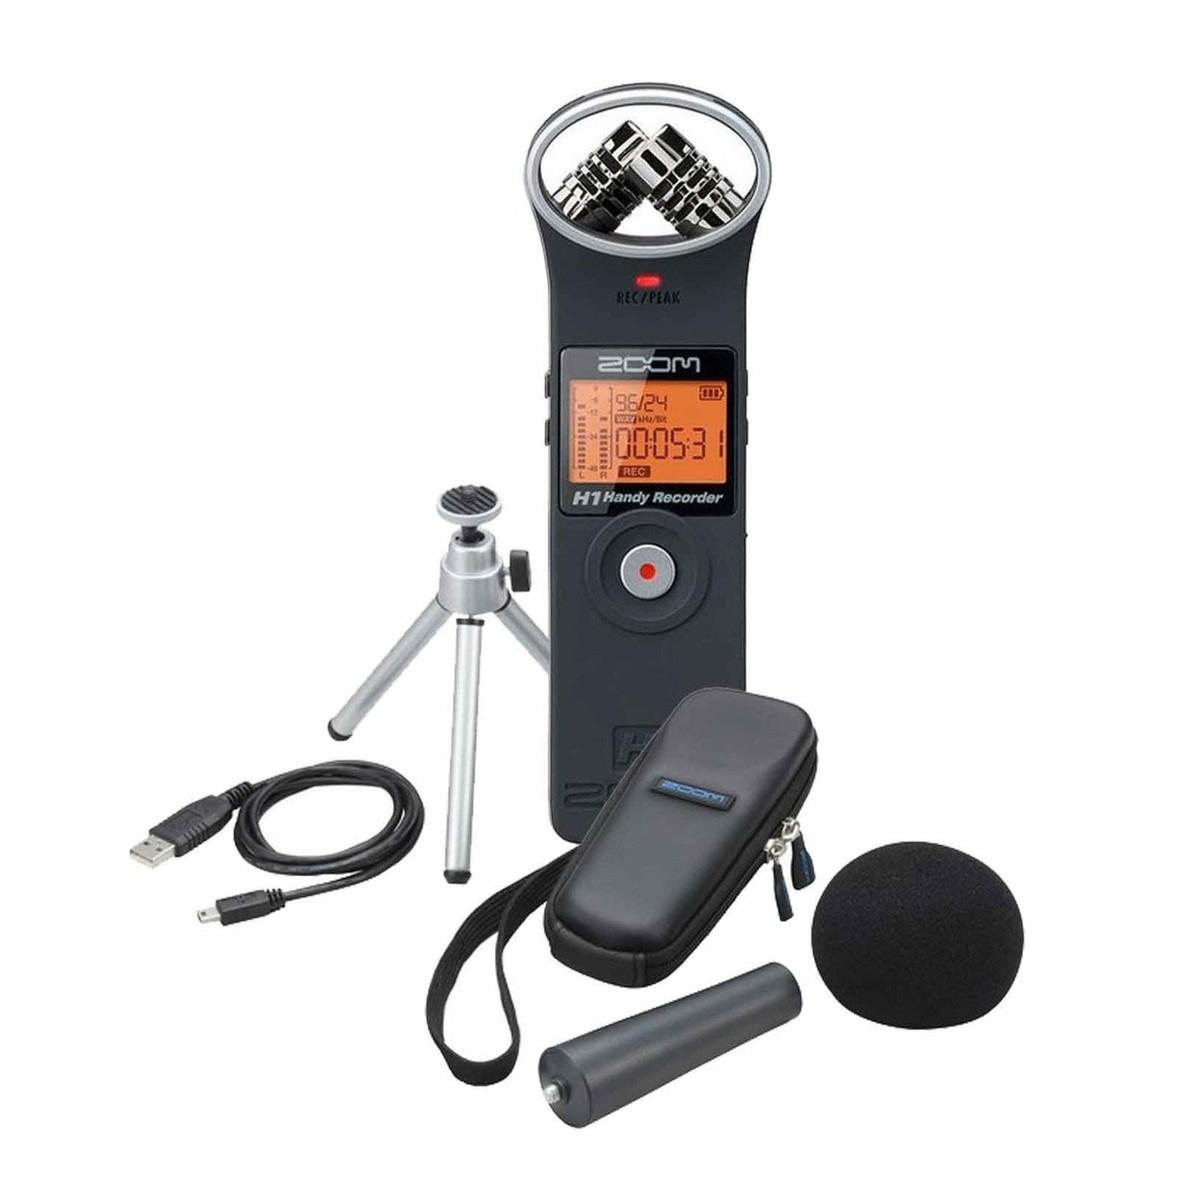 Zoom H1 Con Accessori Musical Instruments & Gear Pro Audio Equipment